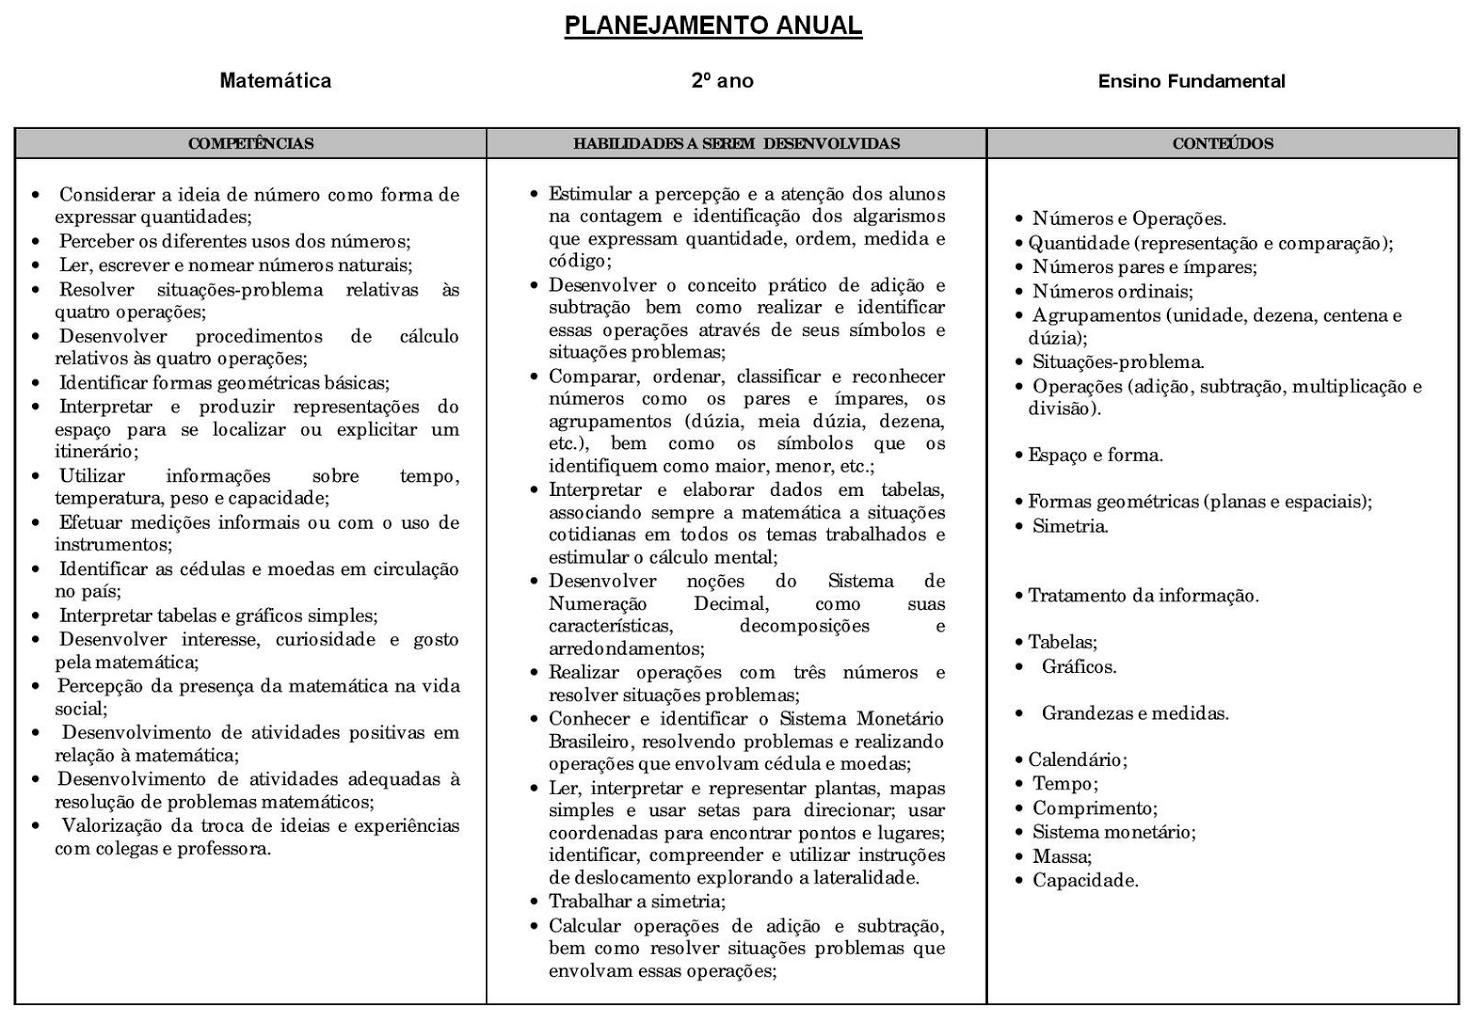 Programa brasileiro de inclusao digital 1b - 4 1